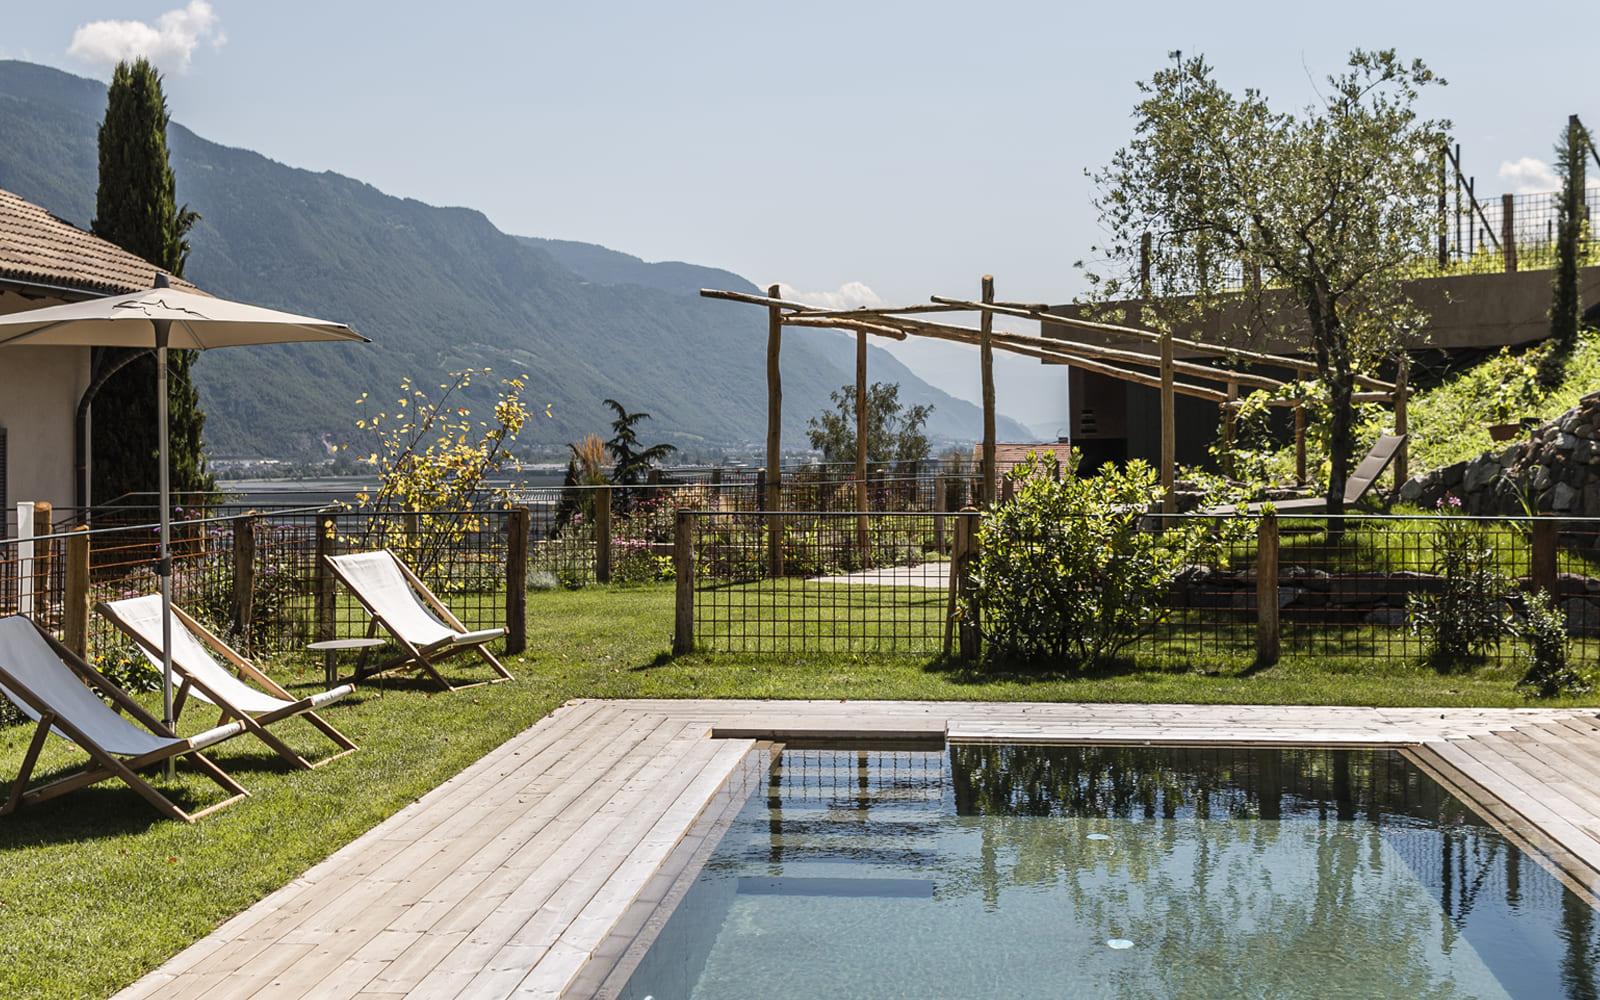 marling-pool